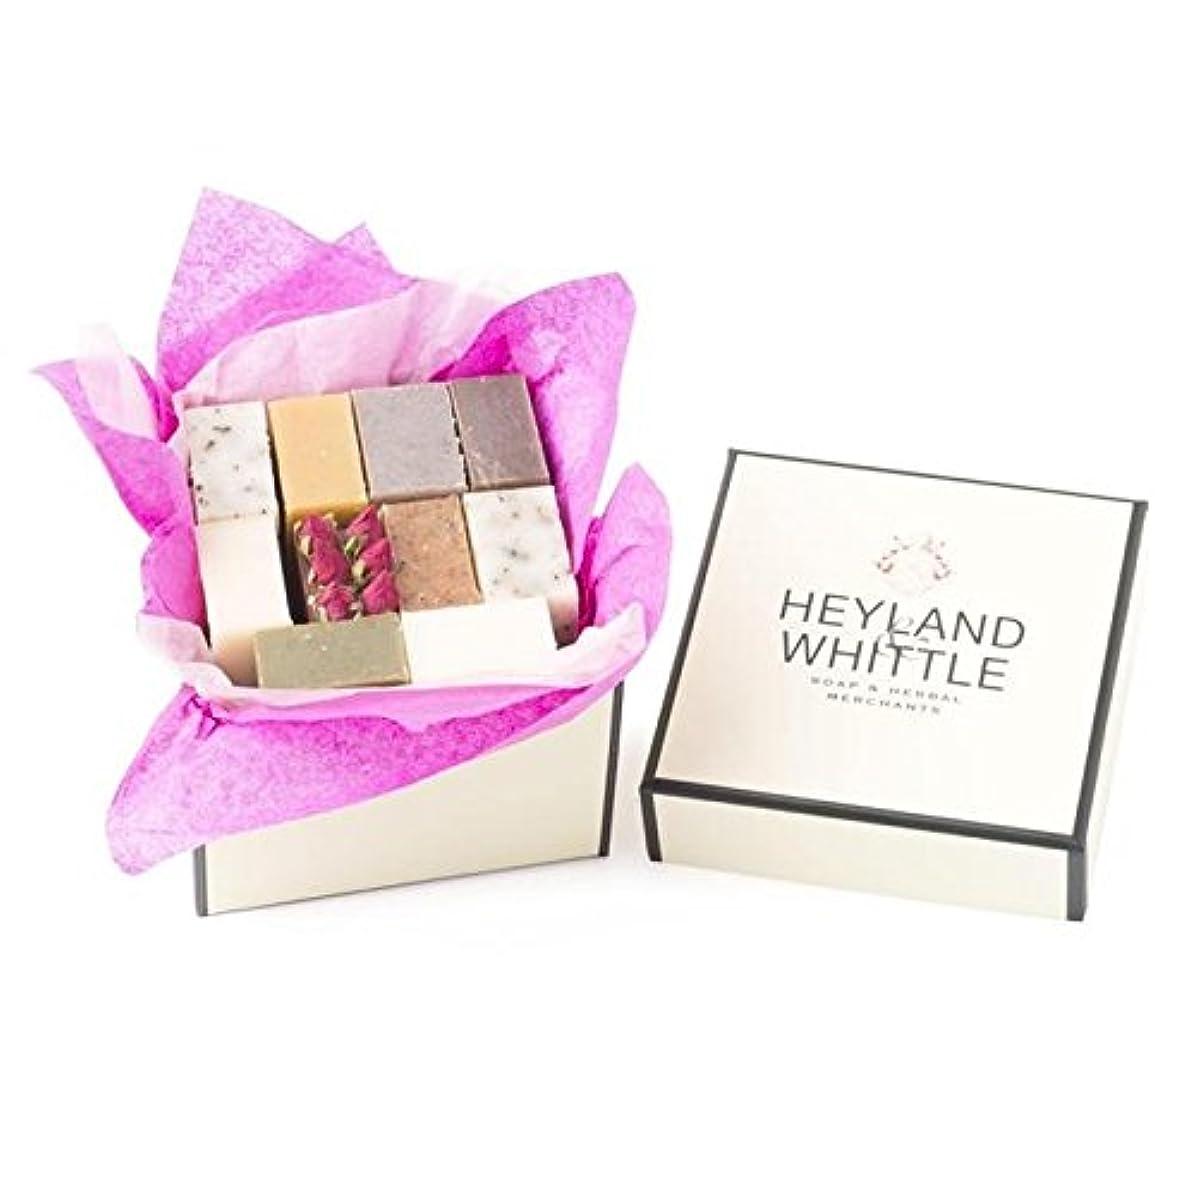 ワイドキモい次Heyland & Whittle Soap Gift Box, Small - 小さな&削るソープギフトボックス、 [並行輸入品]